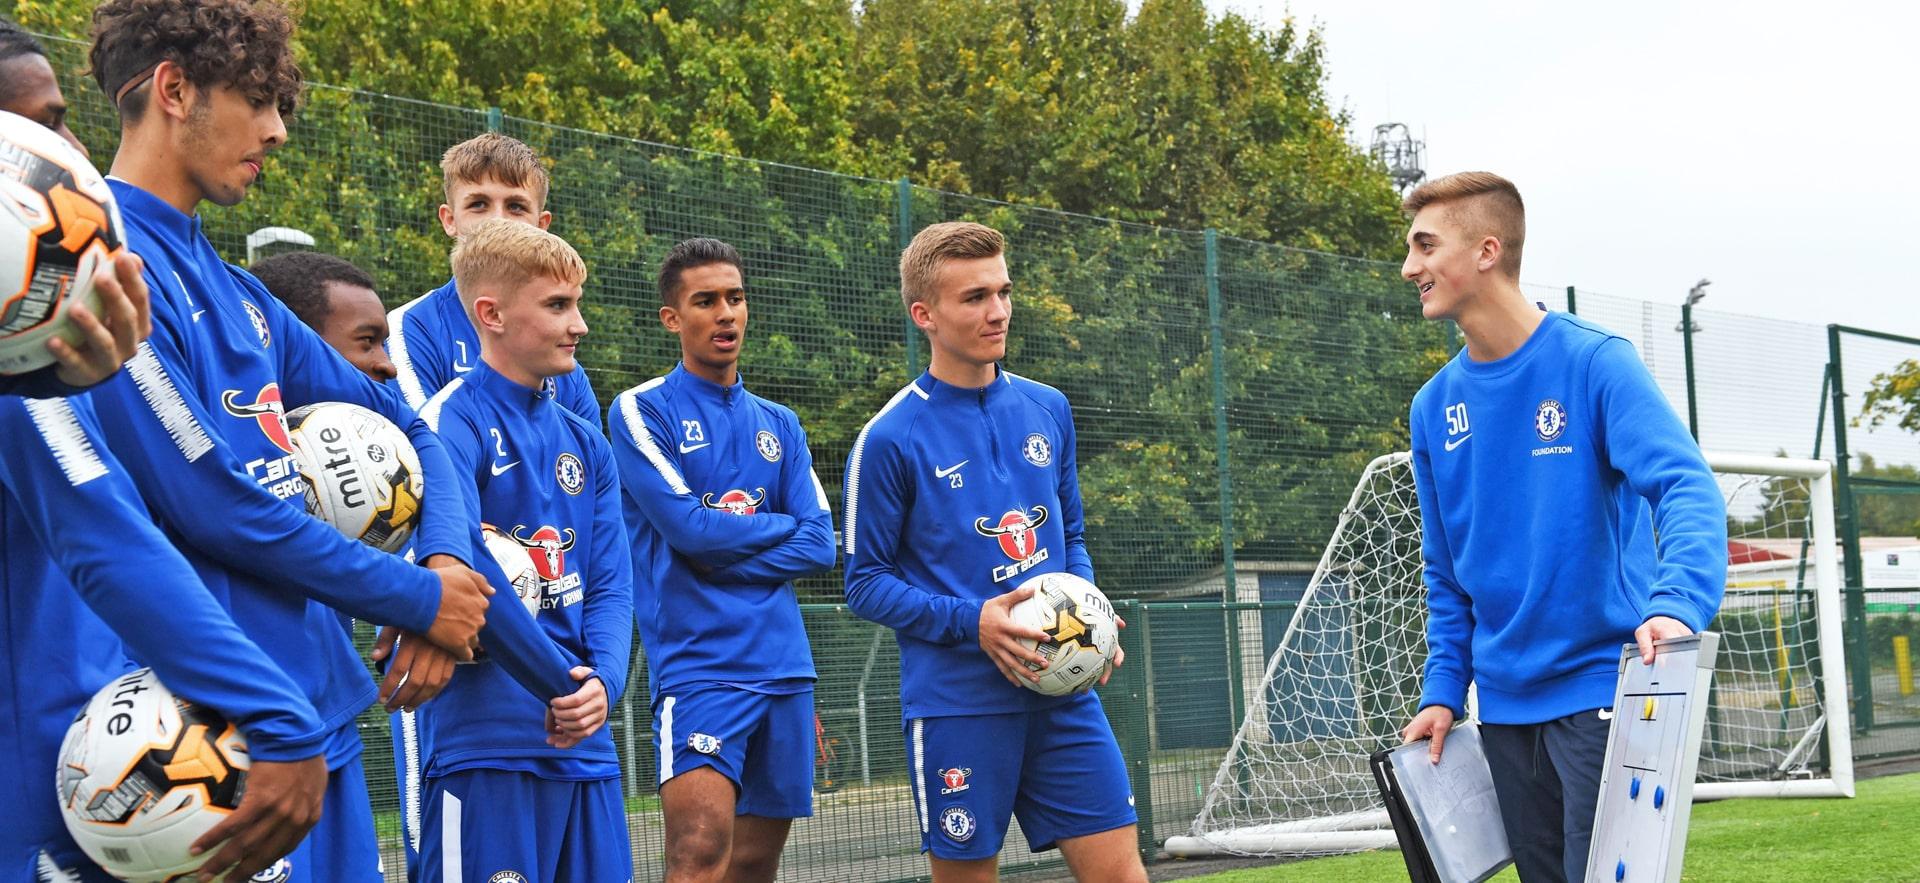 Campamento de verano de inglés y fútbol Chelsea FC